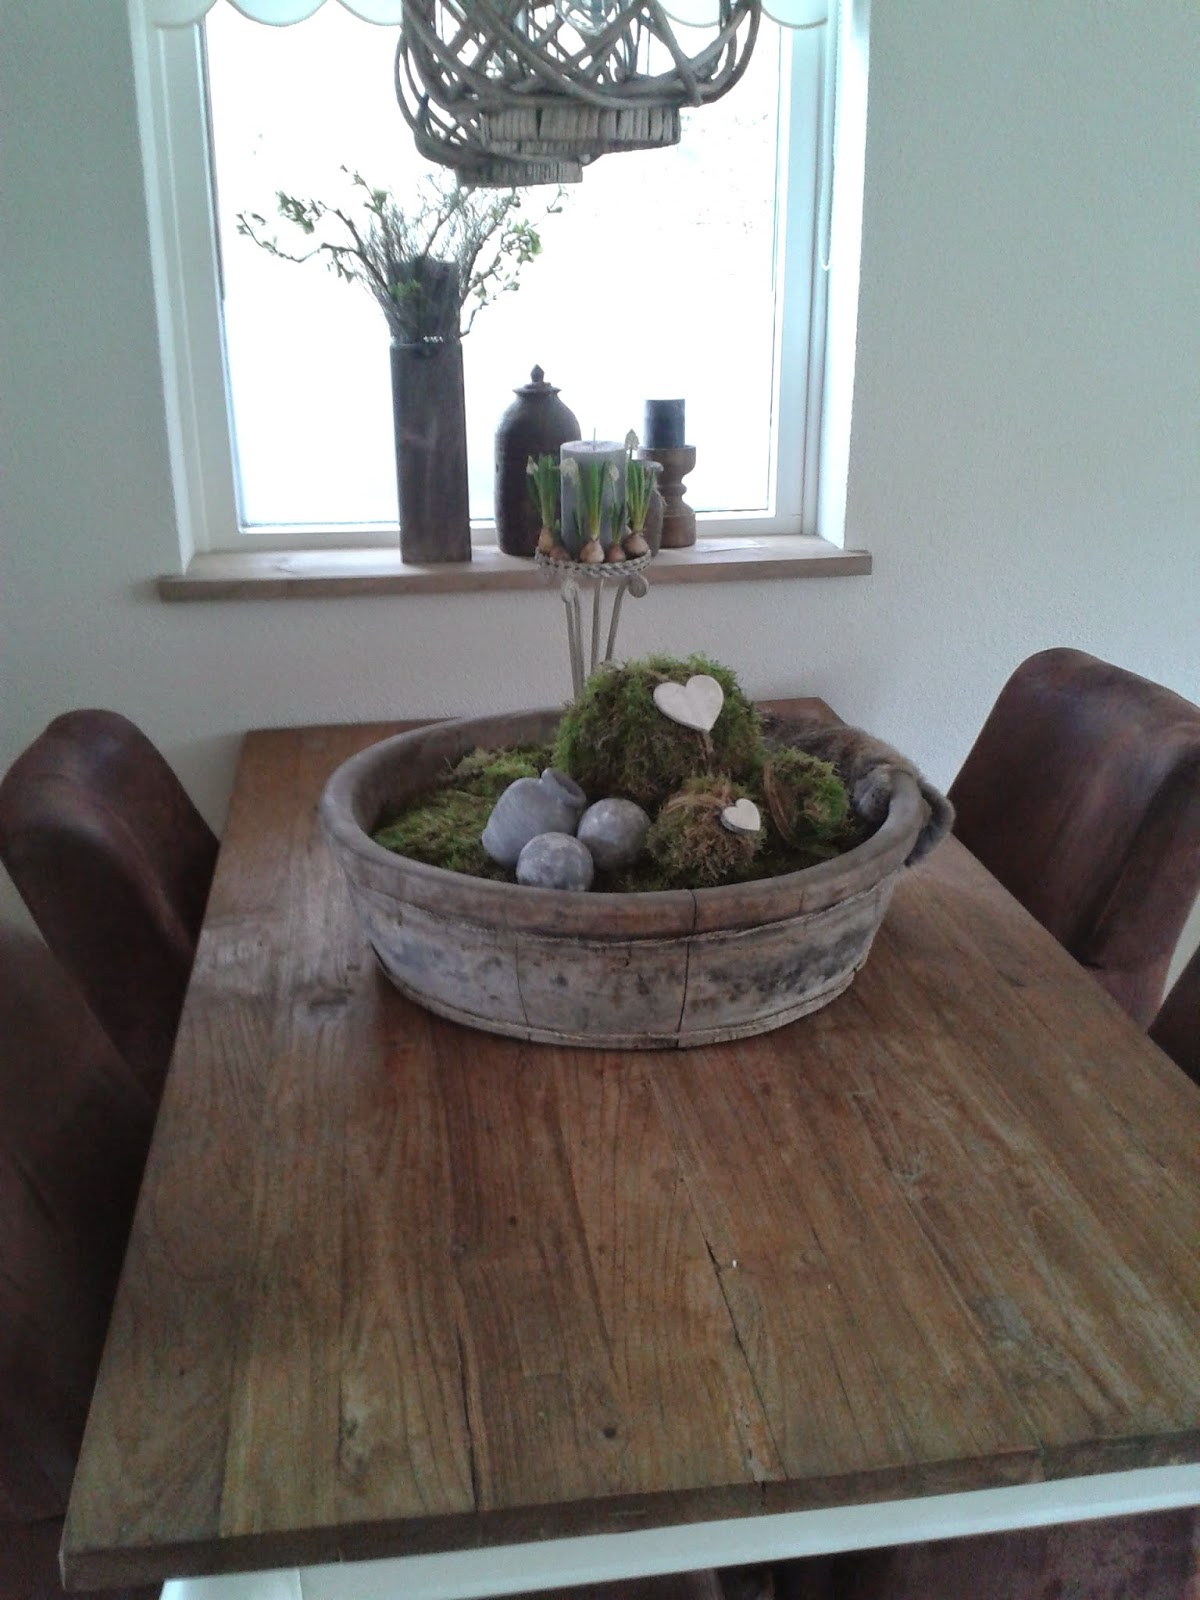 Wonen in je eigen stijl ronde houten bak - Tafel een kribbe stijl industriel ...